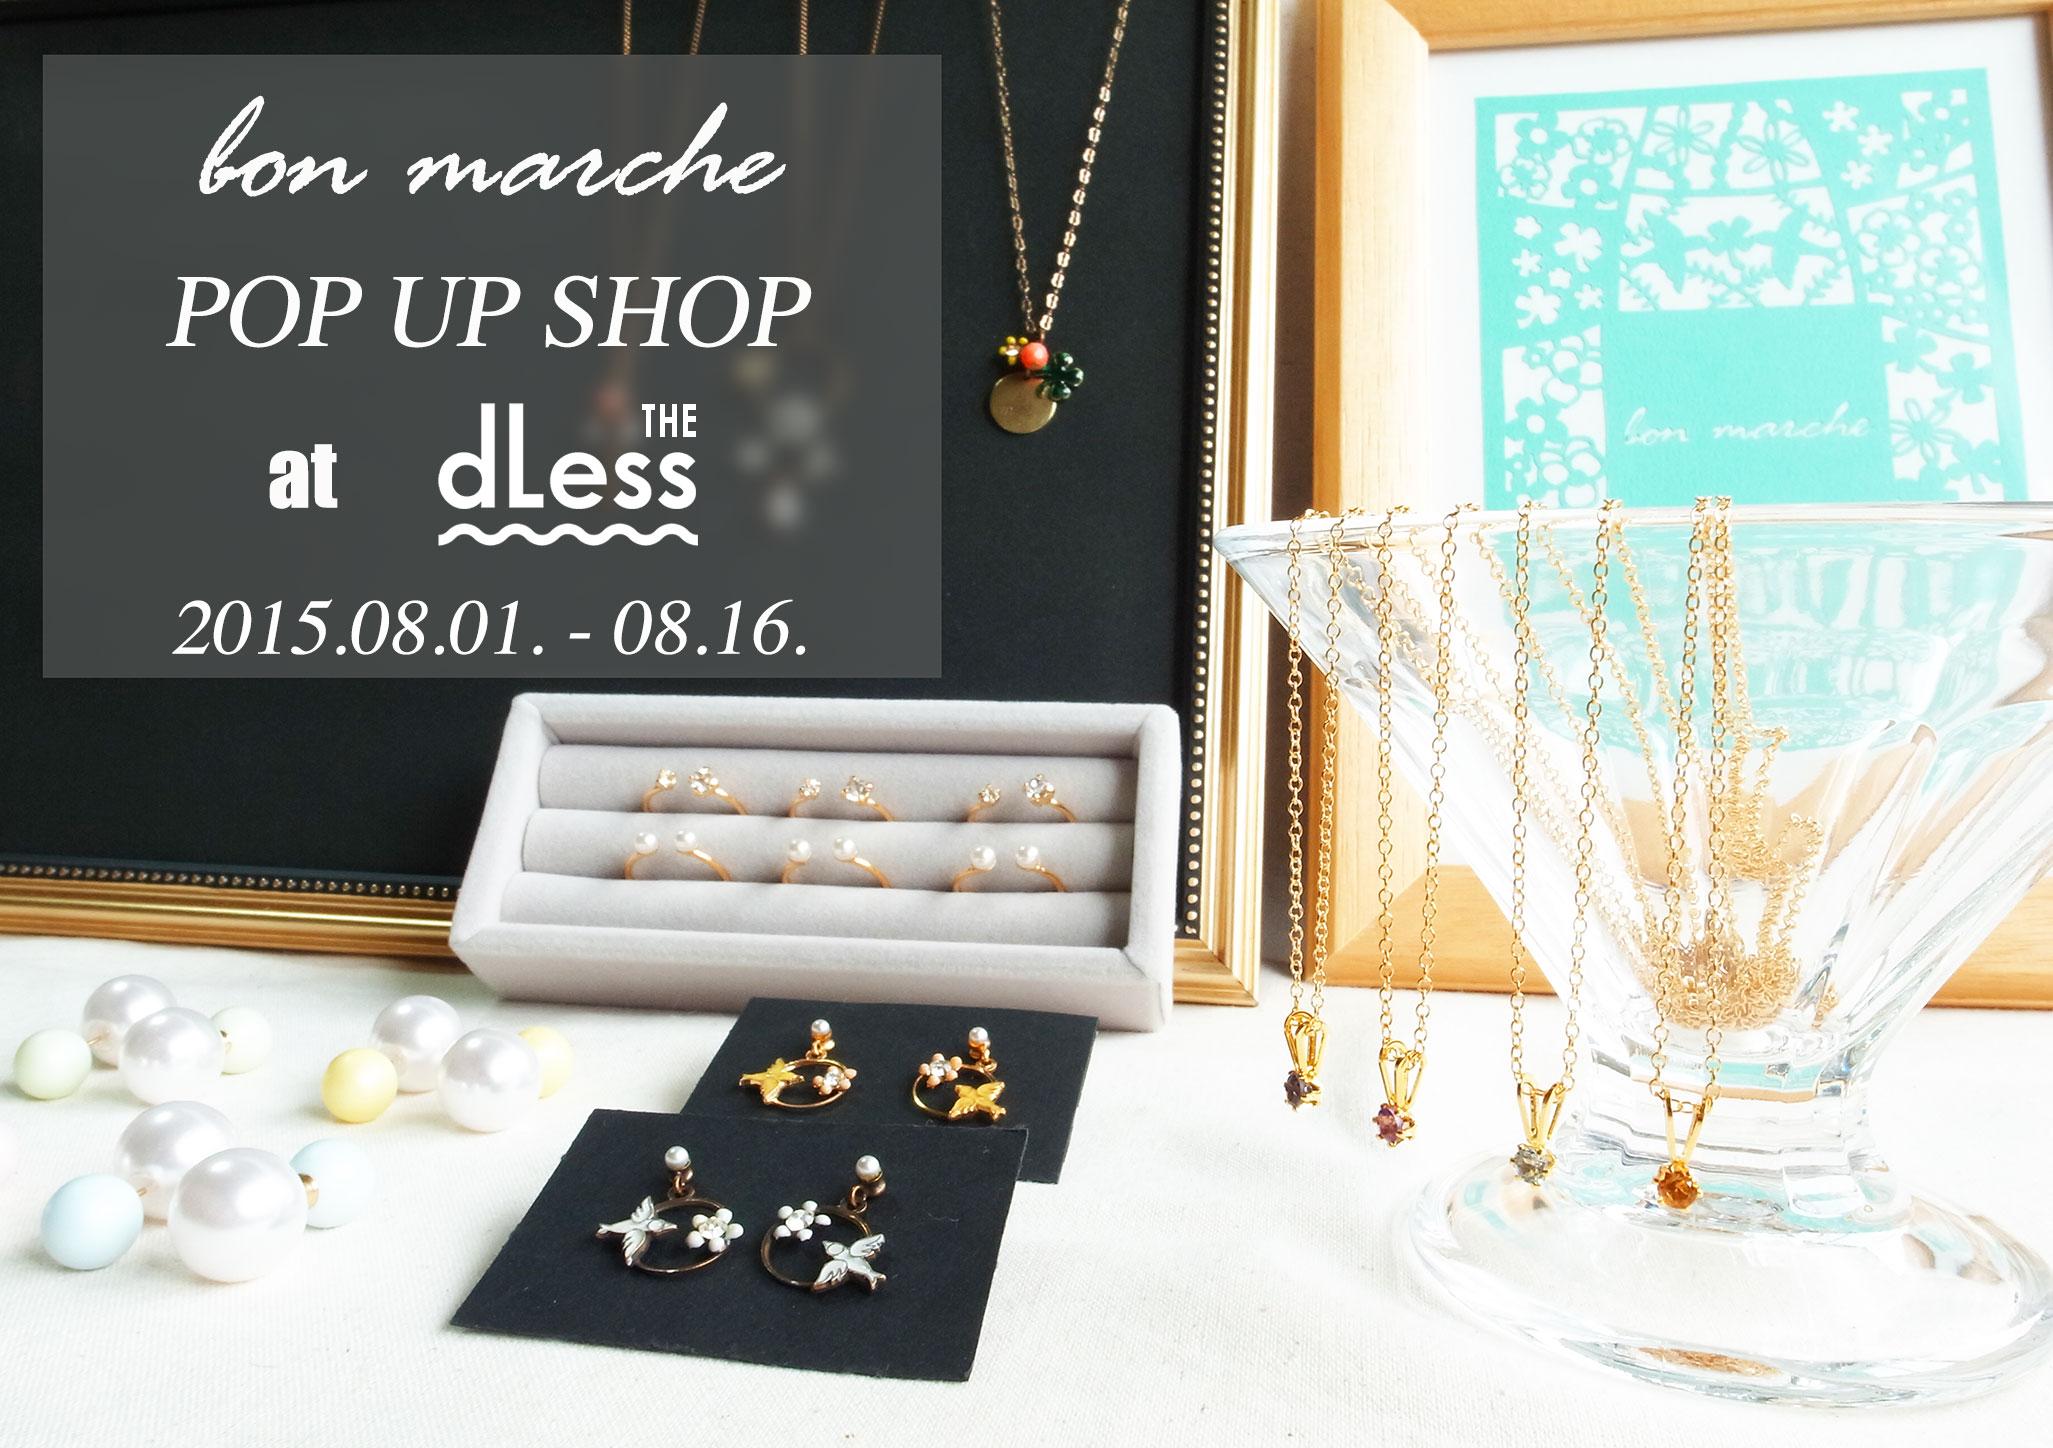 【お知らせ】bon marche pop up shop  @ THE dLess